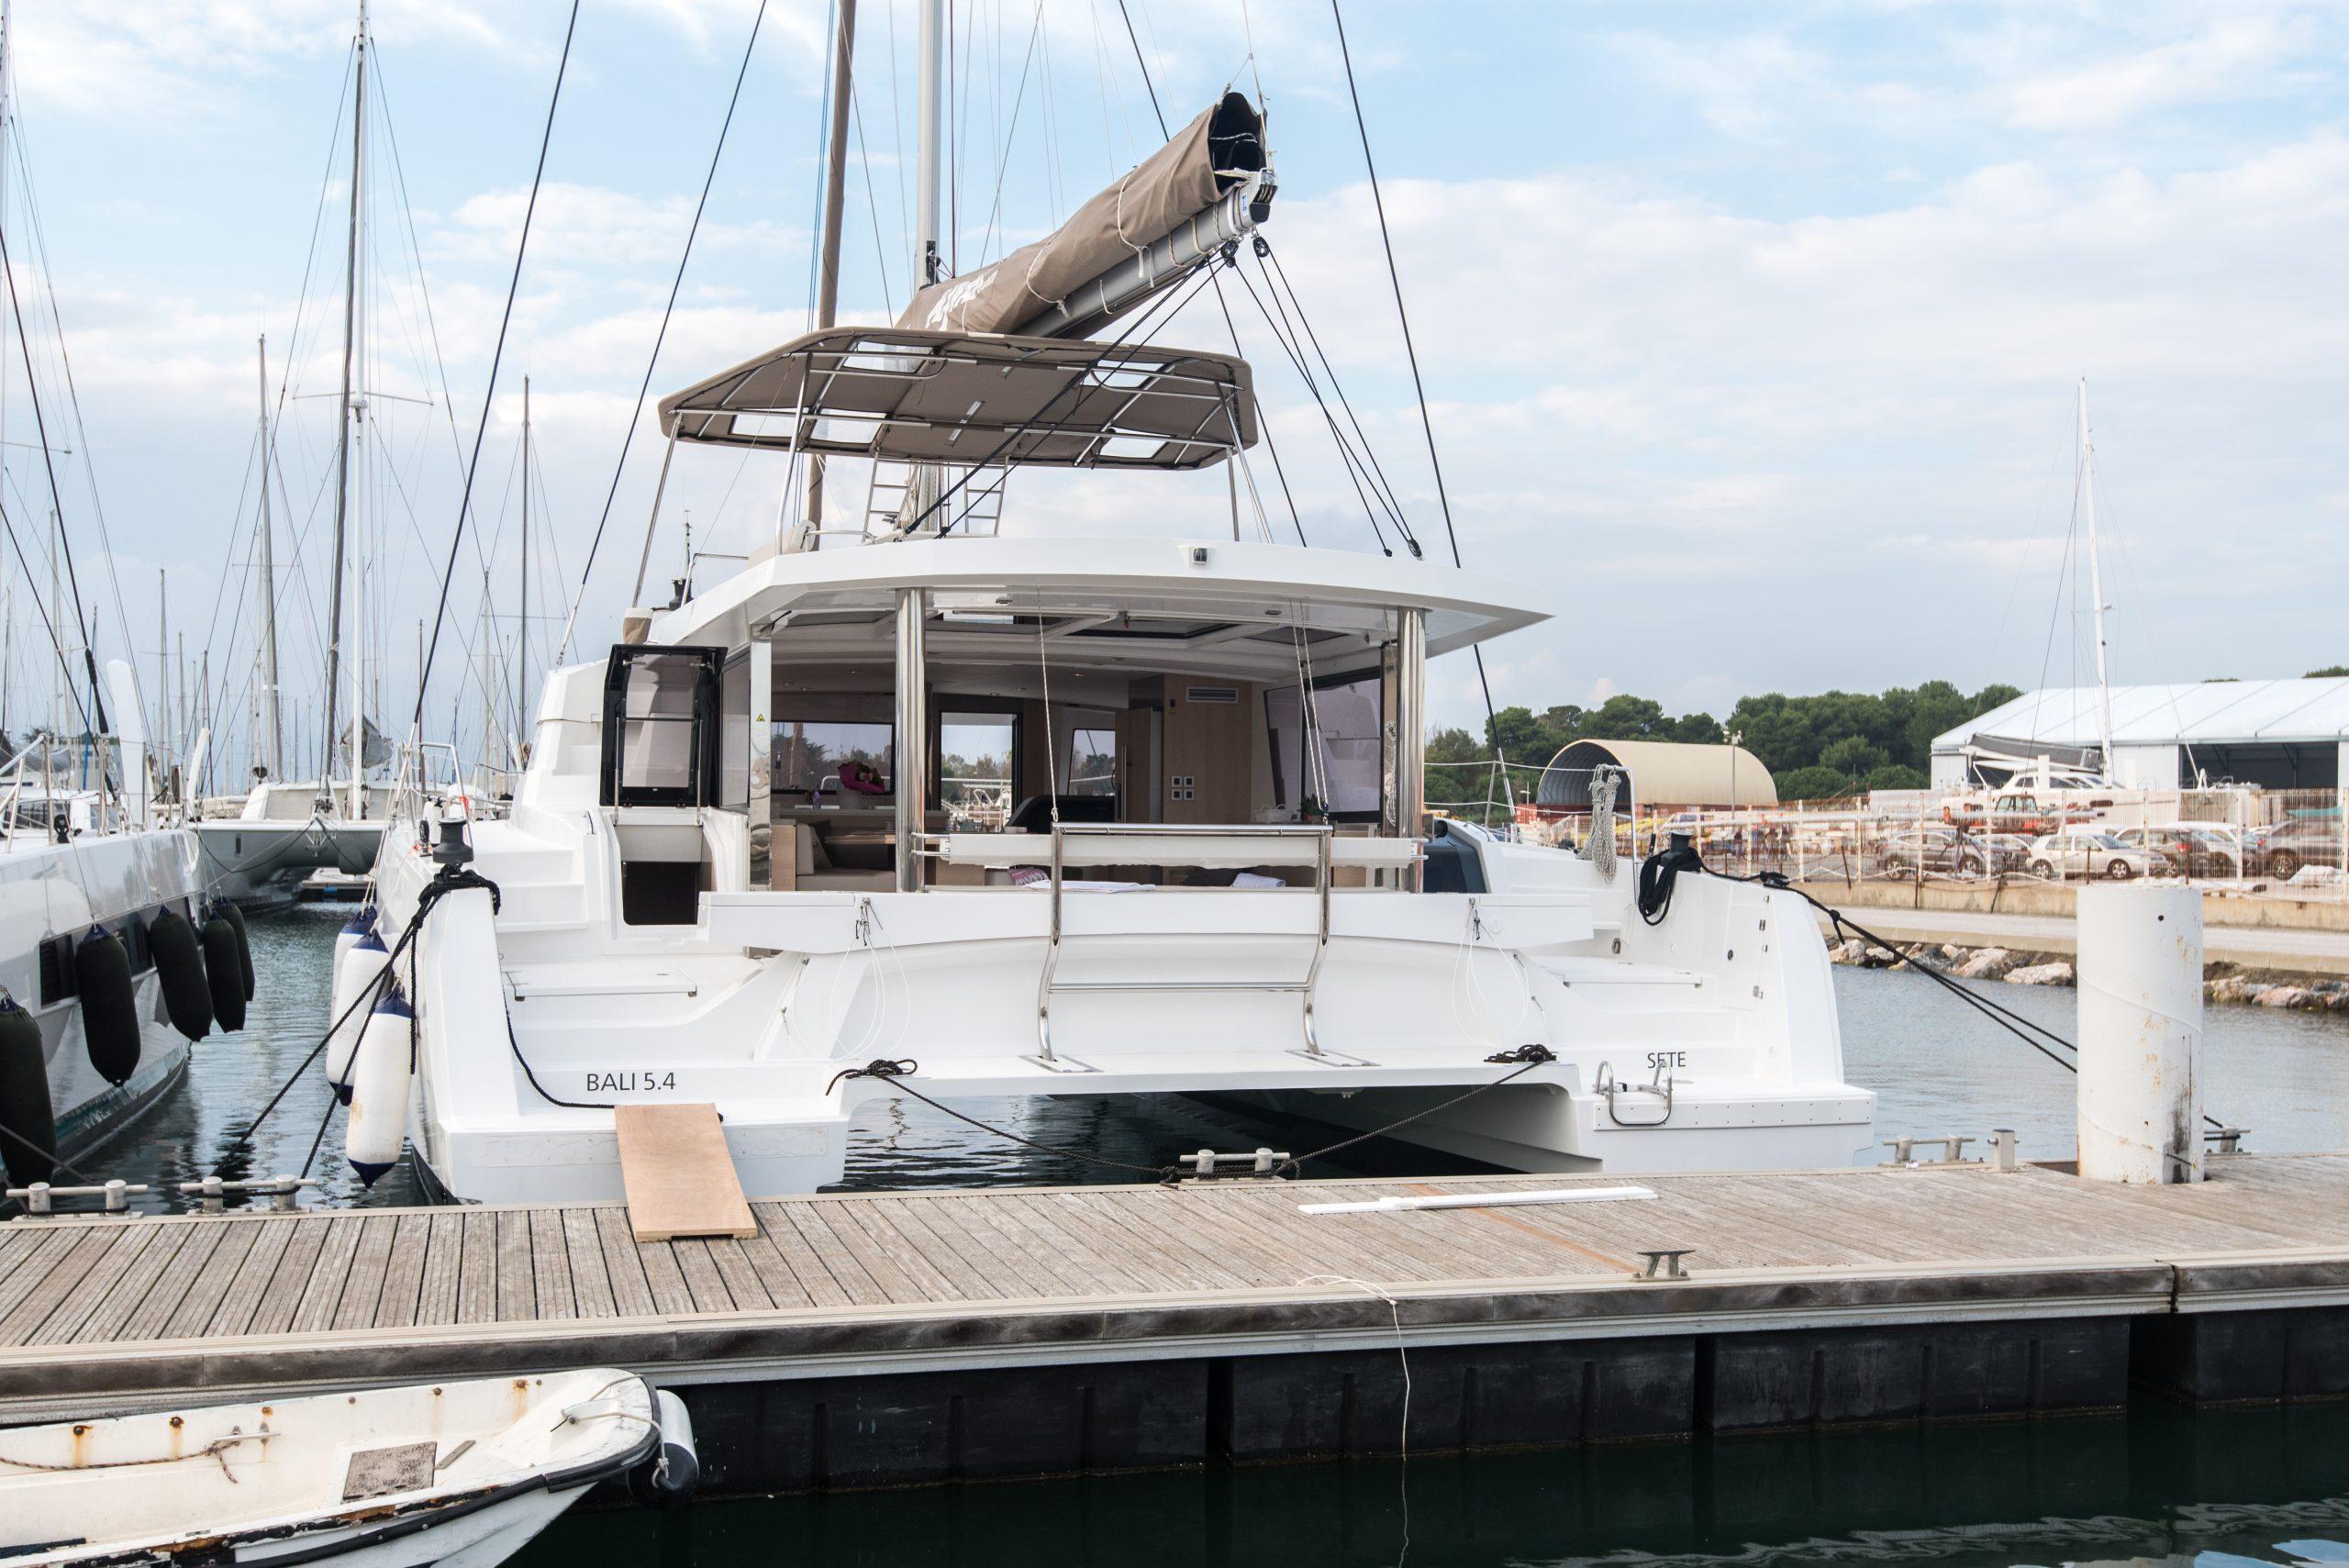 Bali 5.4 at dock